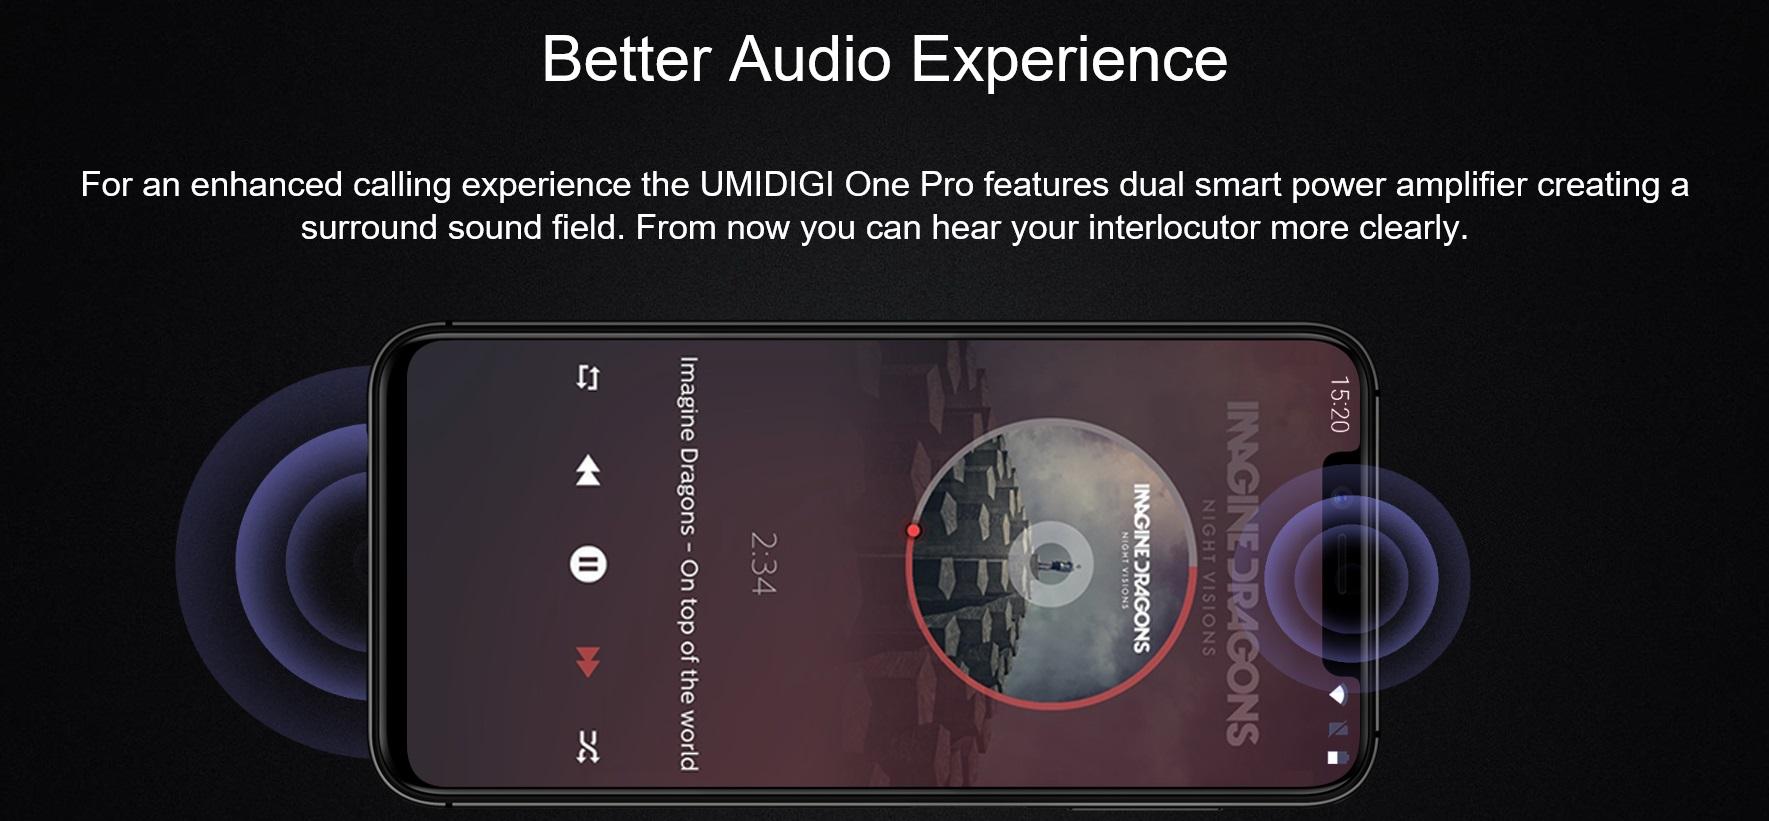 UMIDIGI One Proのスピーカー